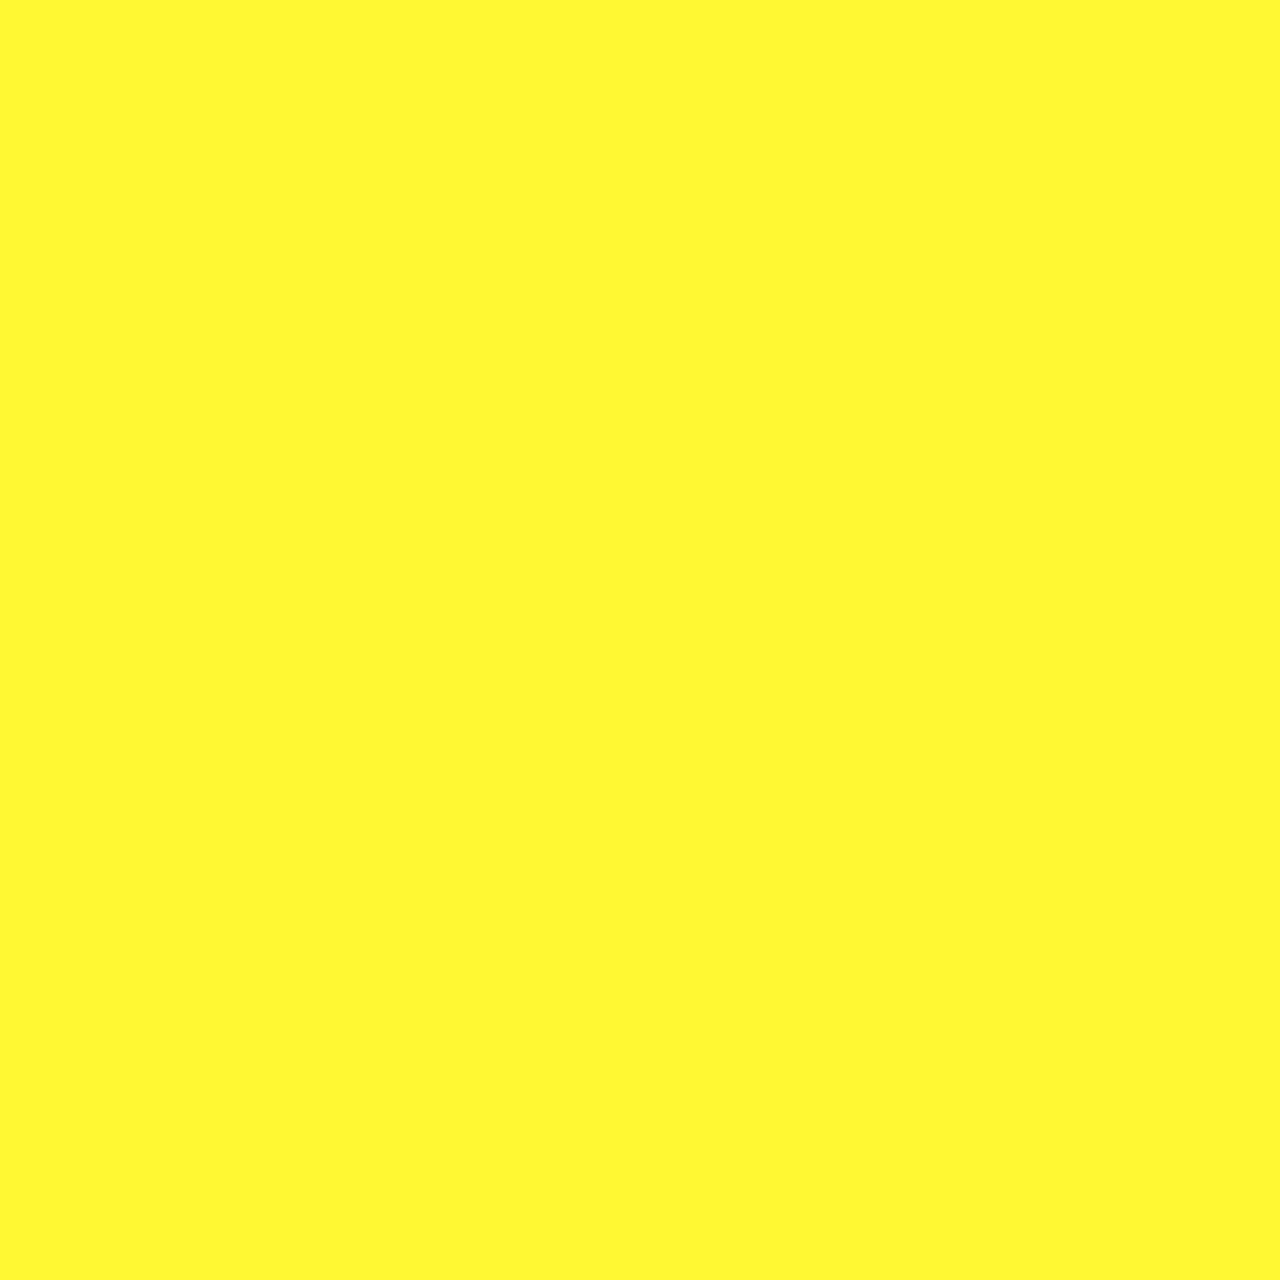 """#0310 Rosco Gels Roscolux Daffodil, 20x24"""""""